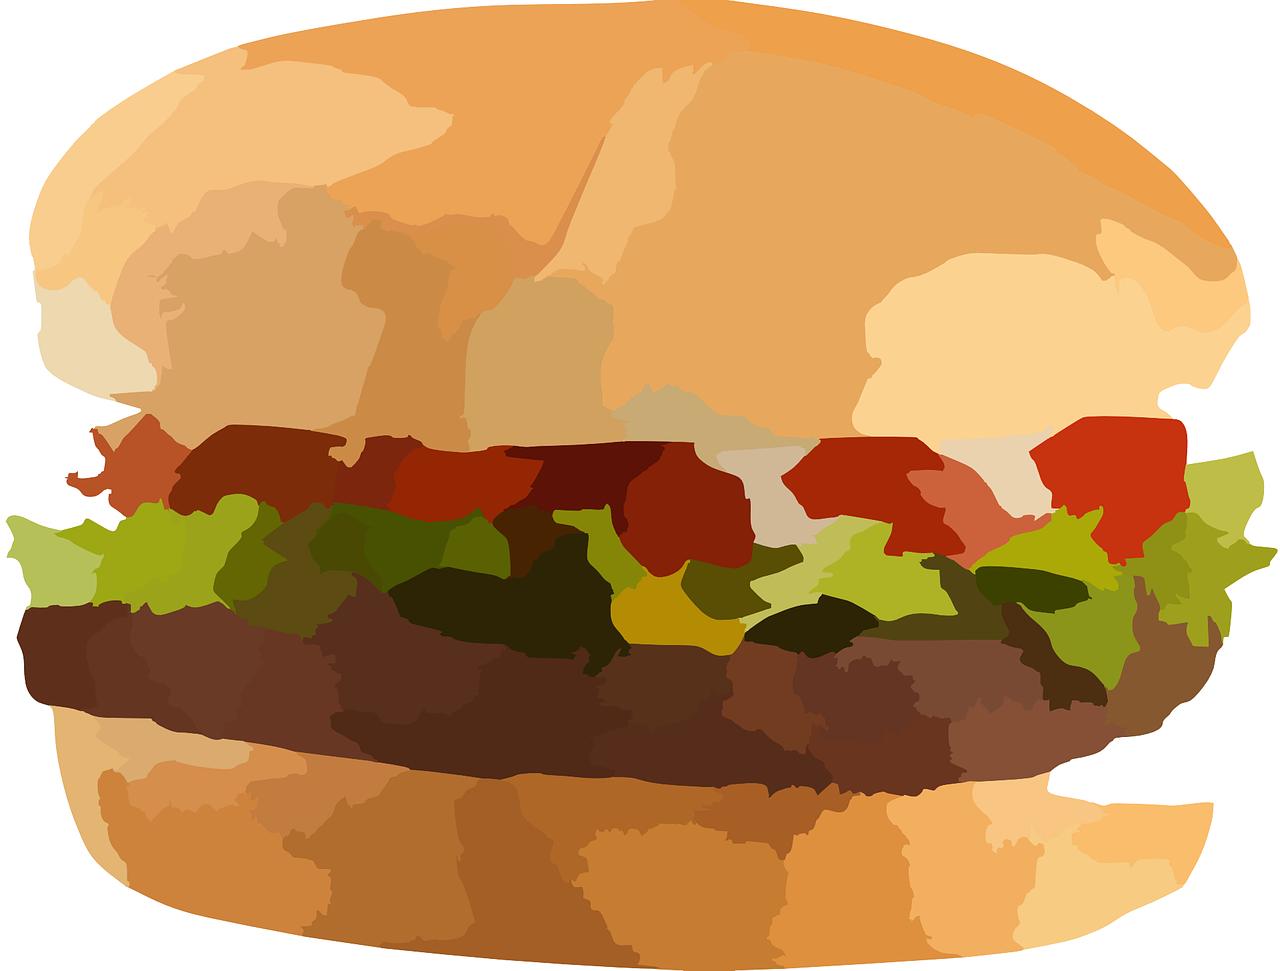 Auf dem Bild ist ein Hamburger zu sehen